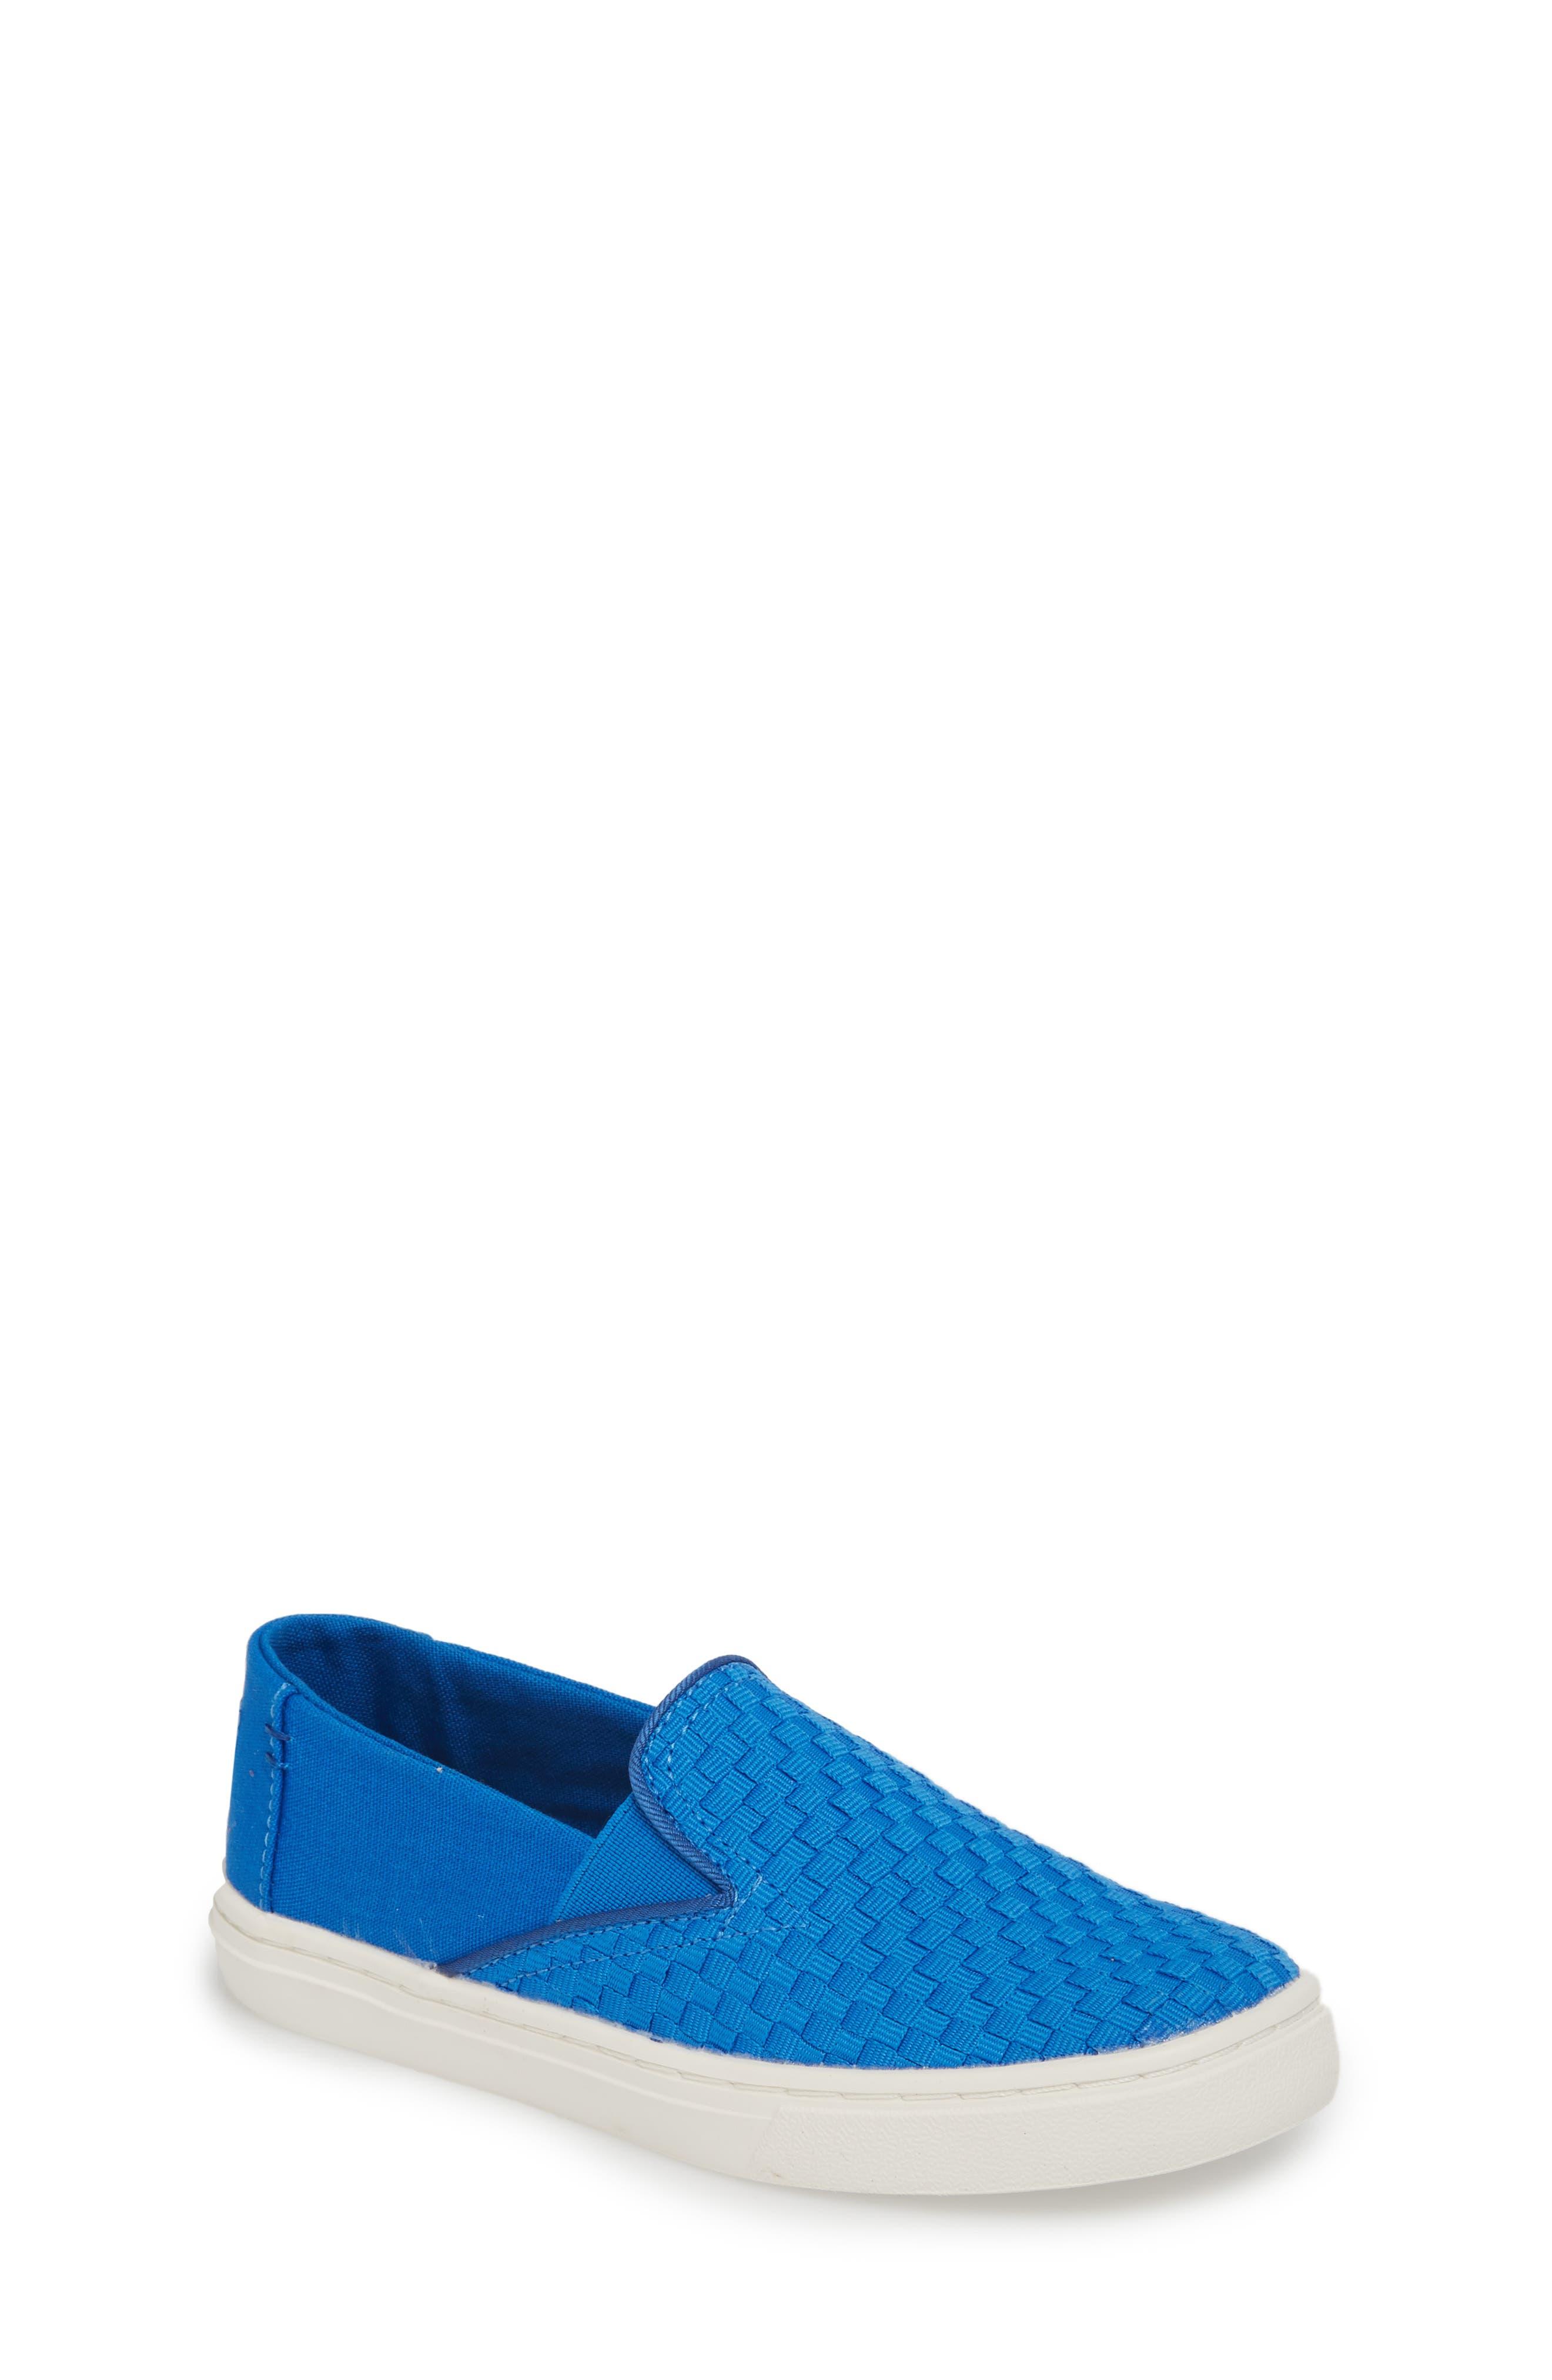 Luca Slip-On Sneaker,                             Main thumbnail 6, color,